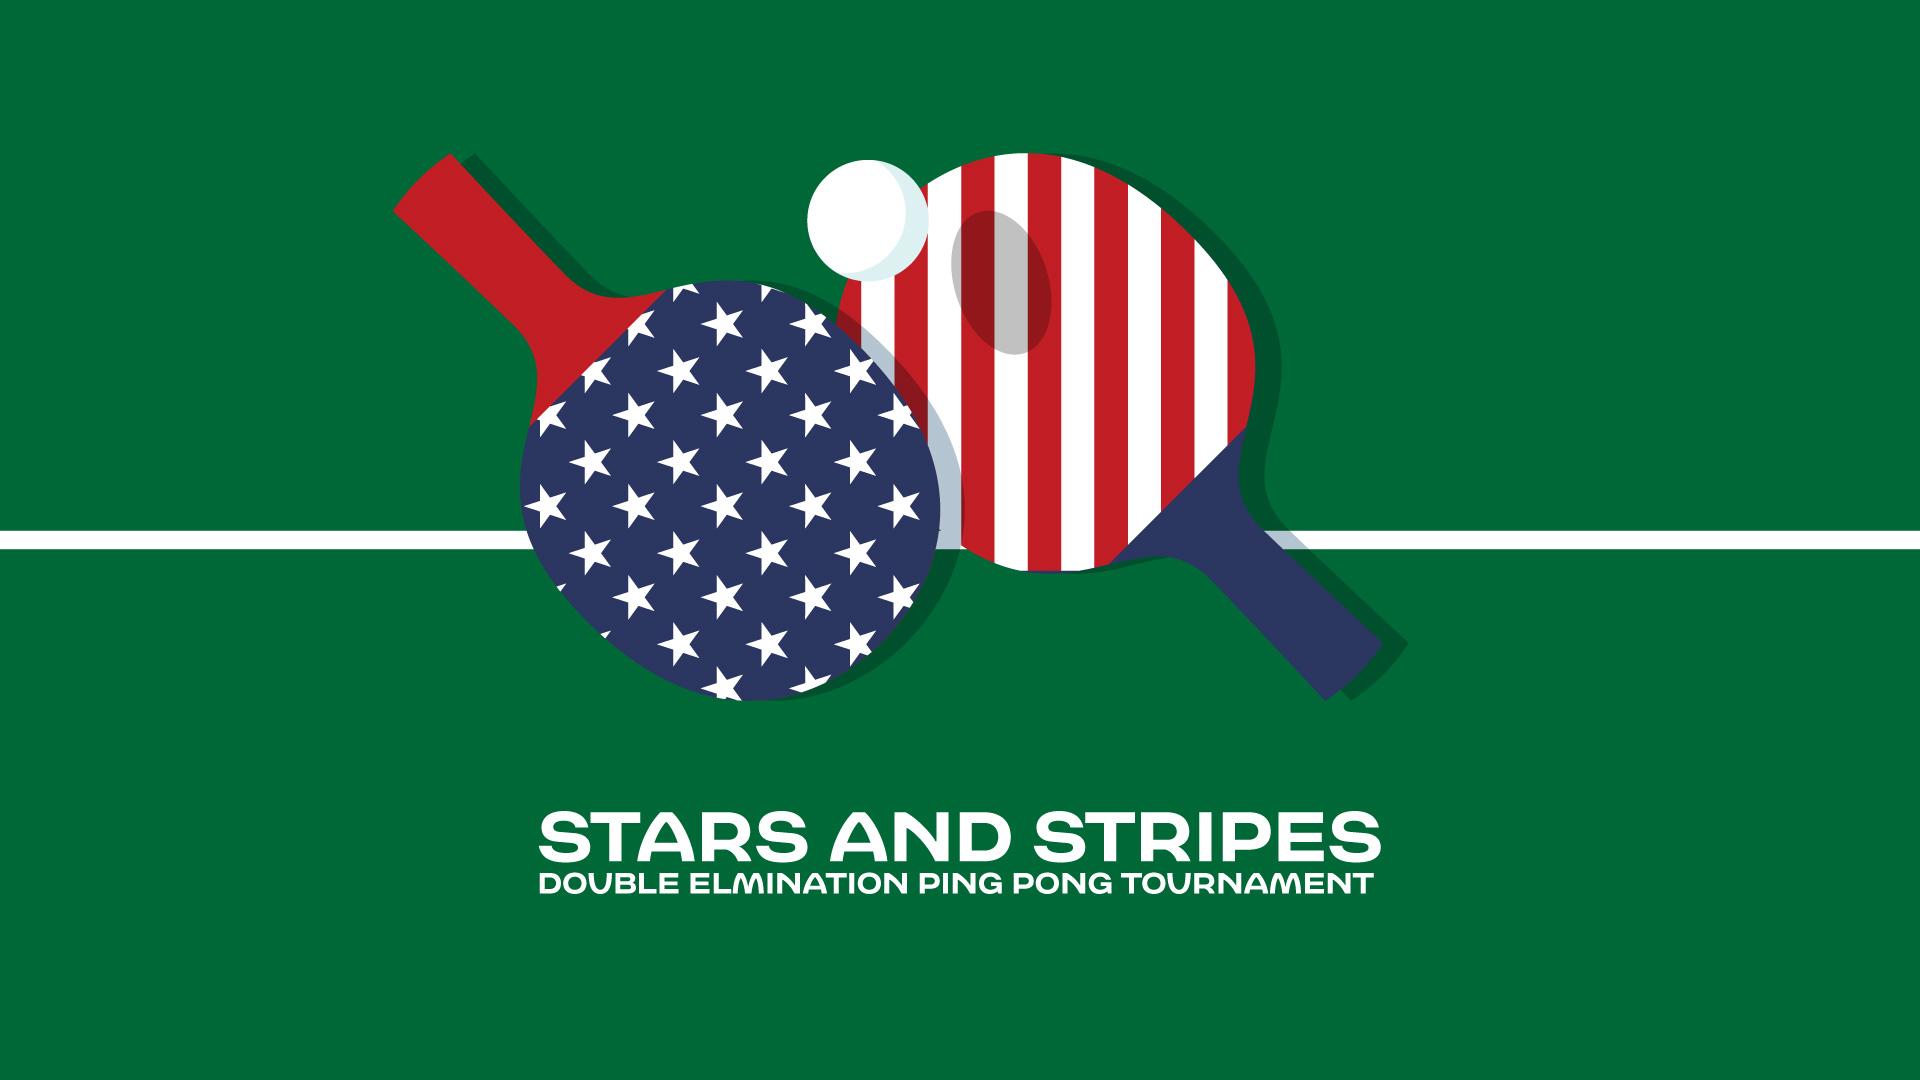 stars-stripes-pong-2019